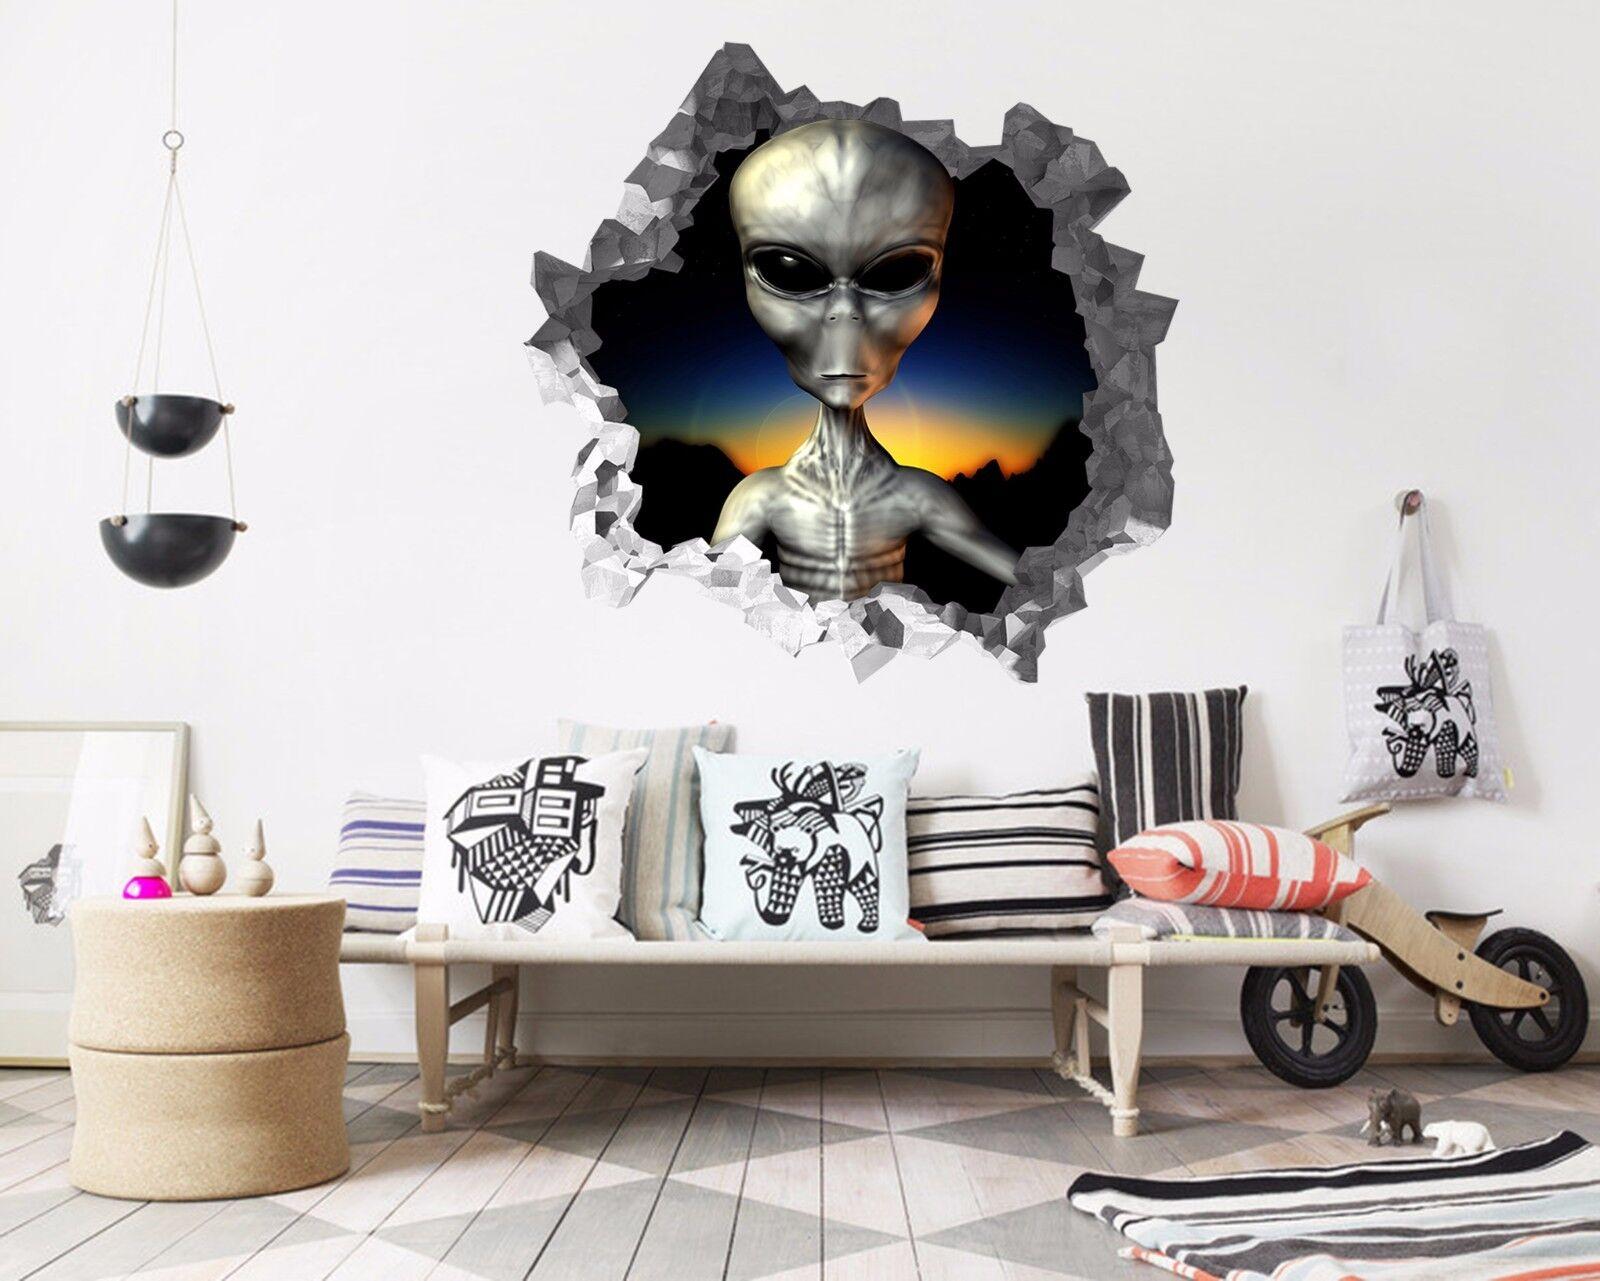 3D Alien 546 Mauer Murals Aufklebe Decal Durchbruch AJ WALLPAPER DE Lemon